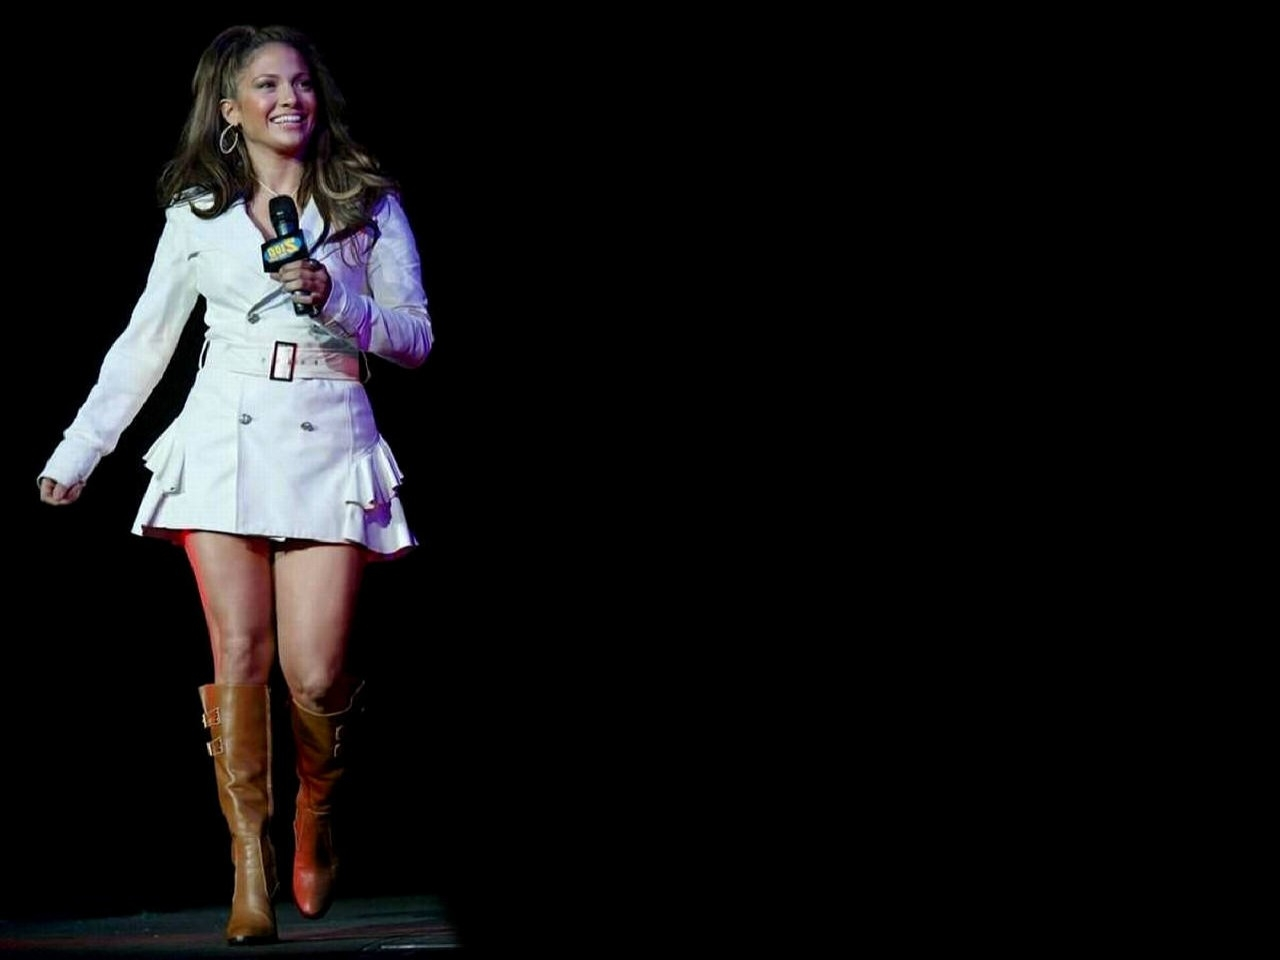 Wallpaper di Jennifer Lopez dal vivo